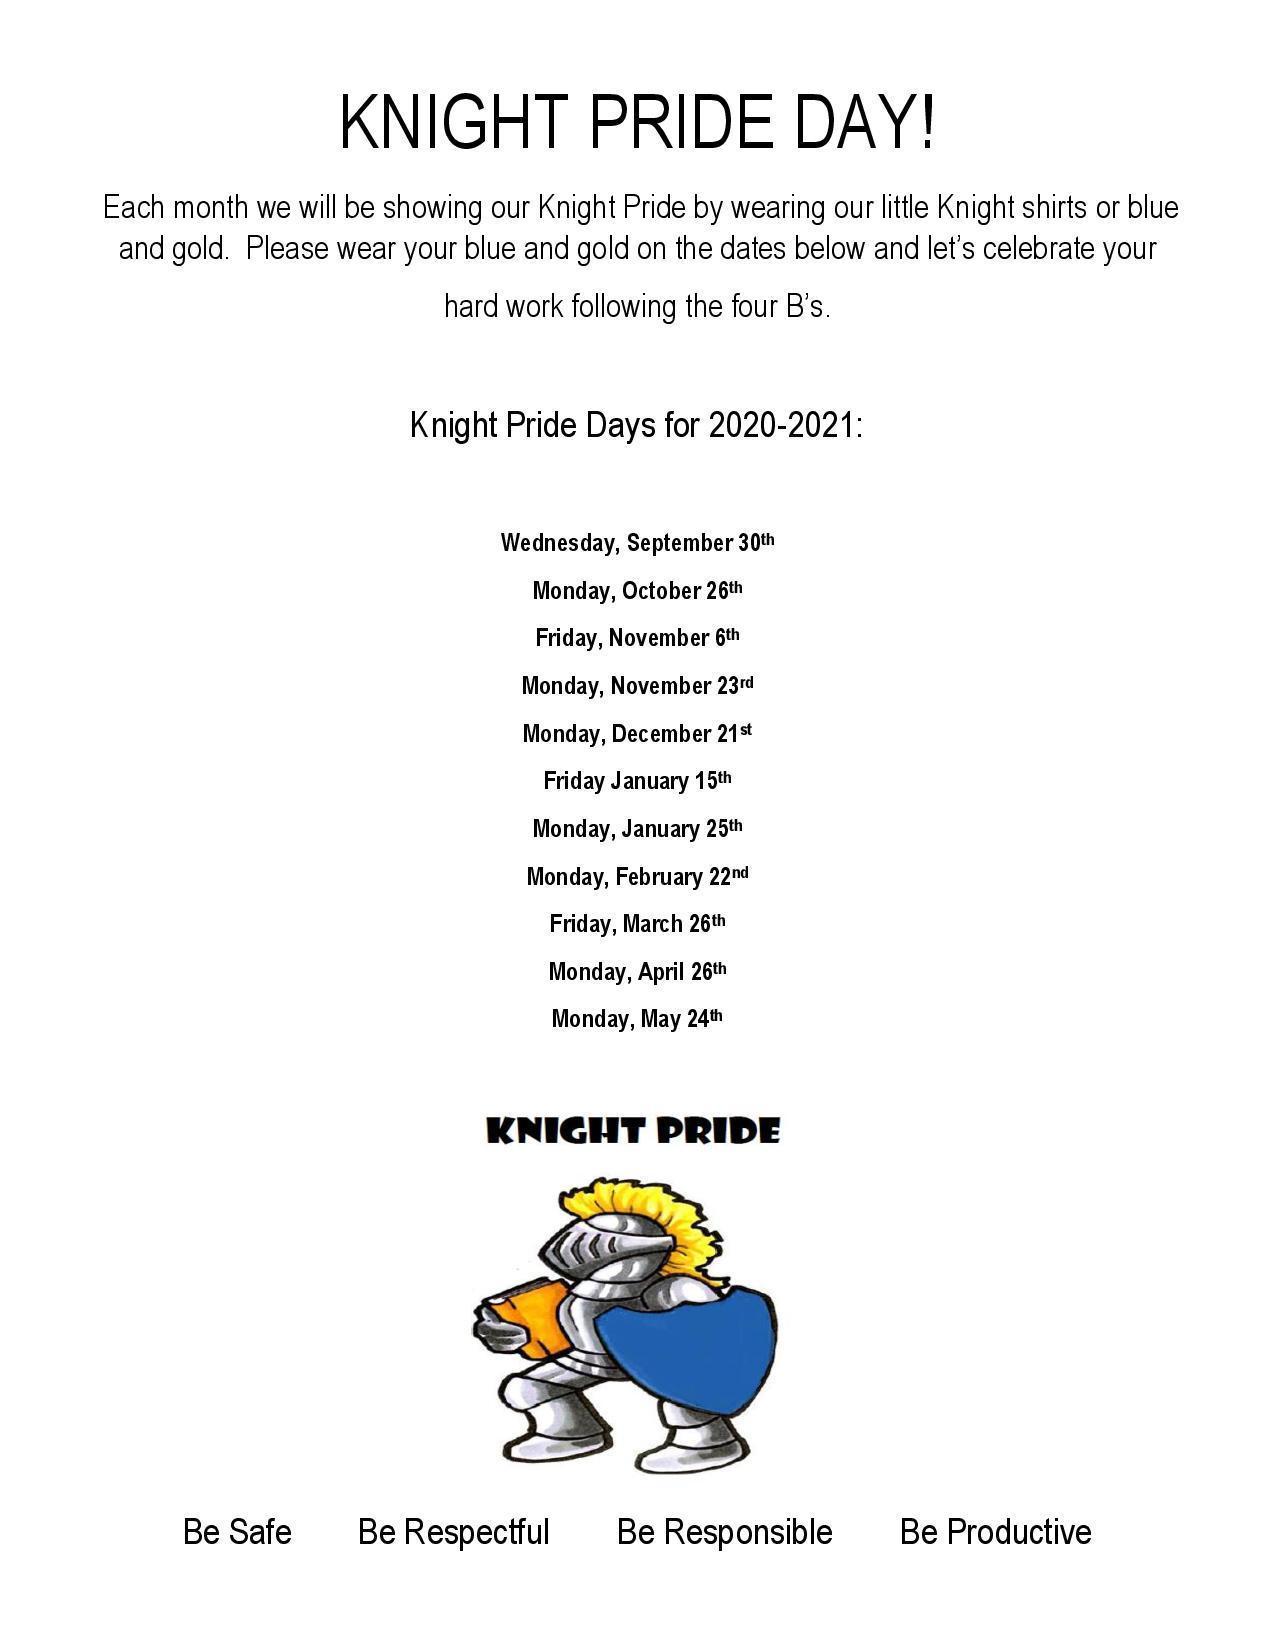 Schedule of 20-21 Knight Pride Days